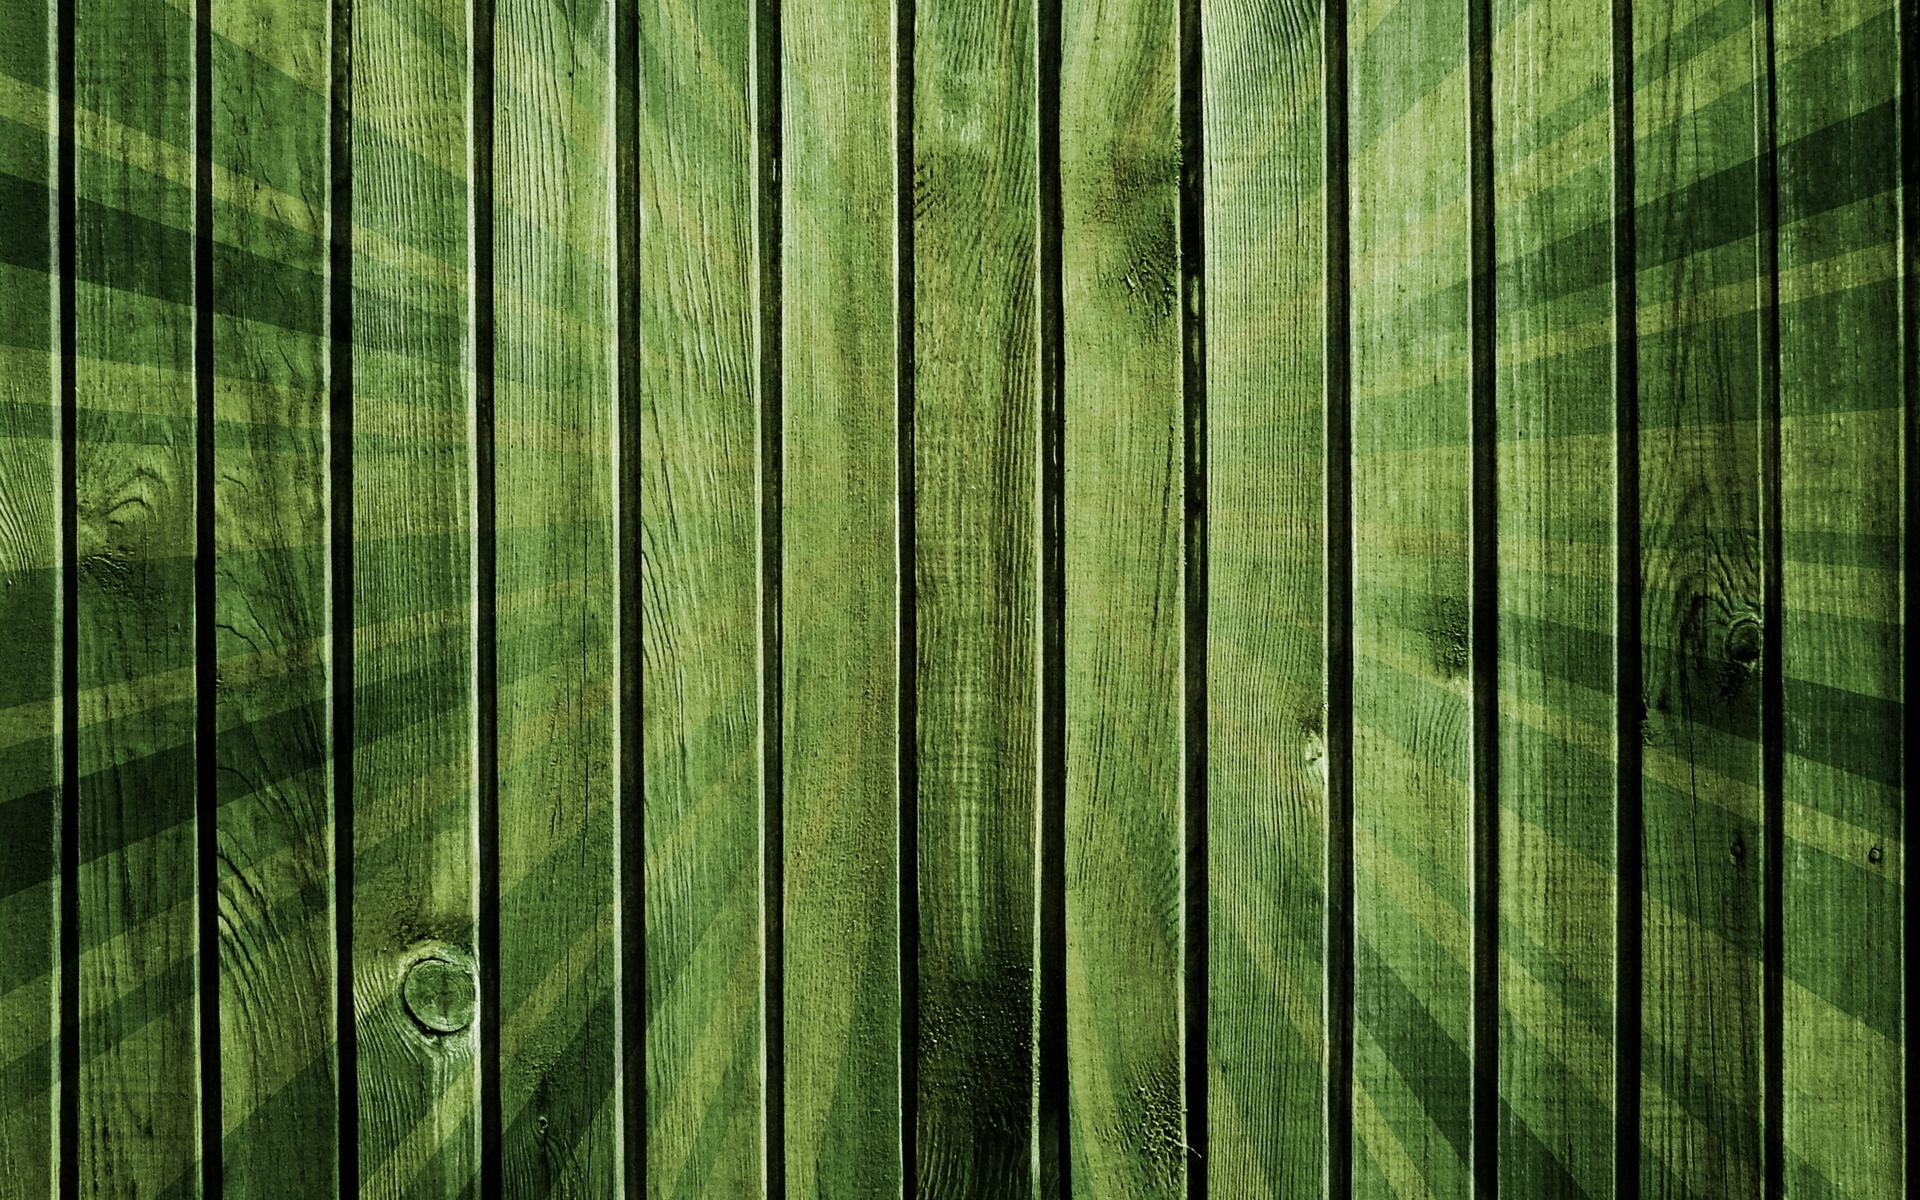 текстура, фон, зеленый